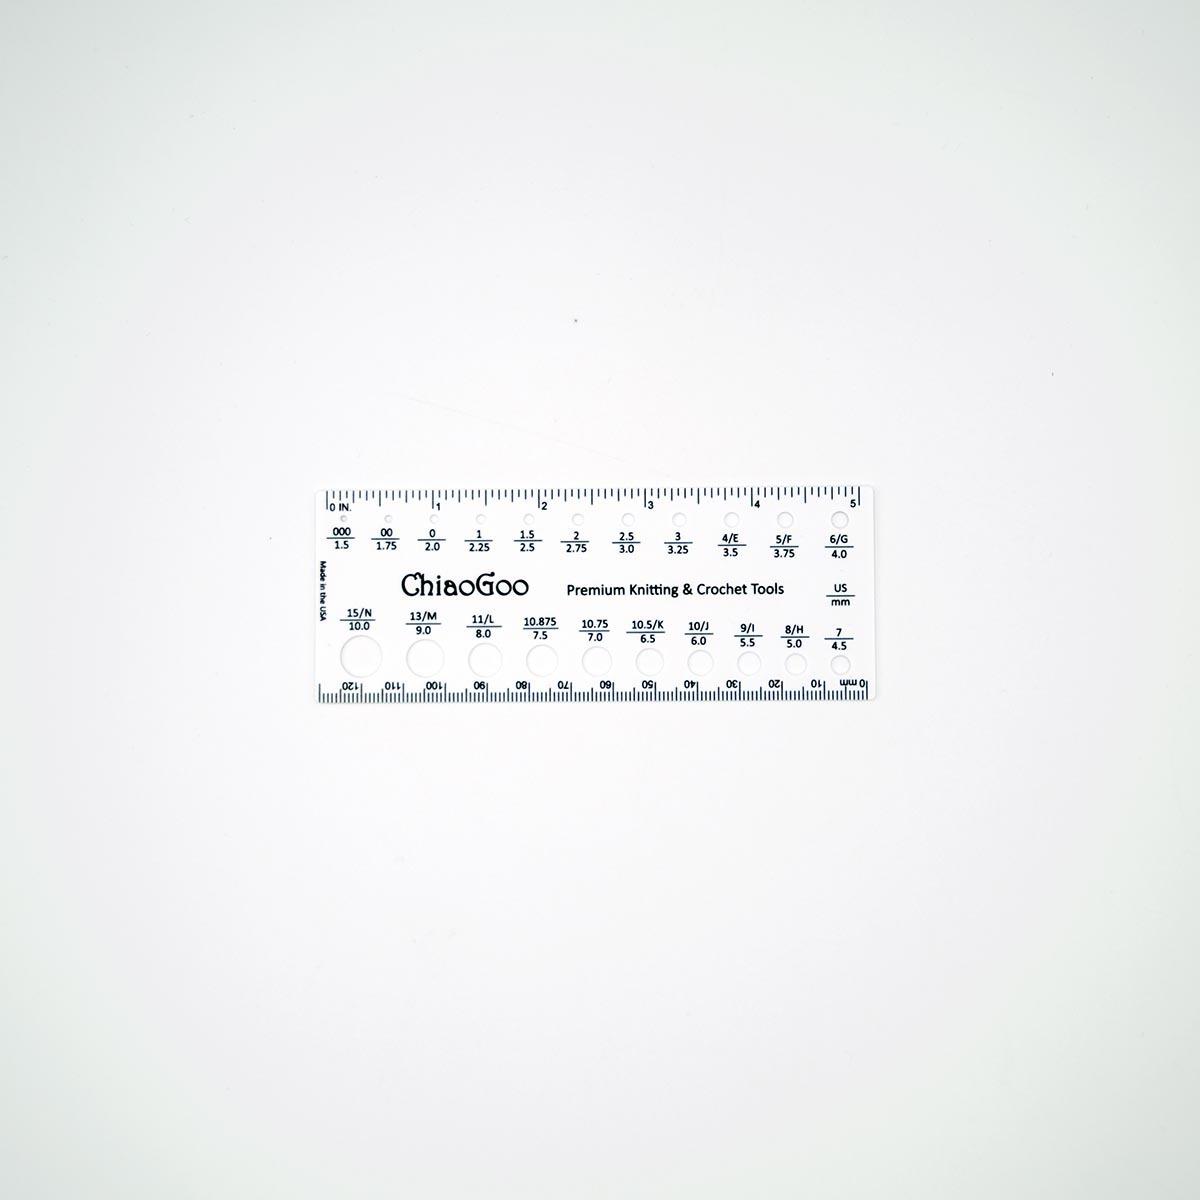 Линейка для определения размера спиц, ChiaoGoo